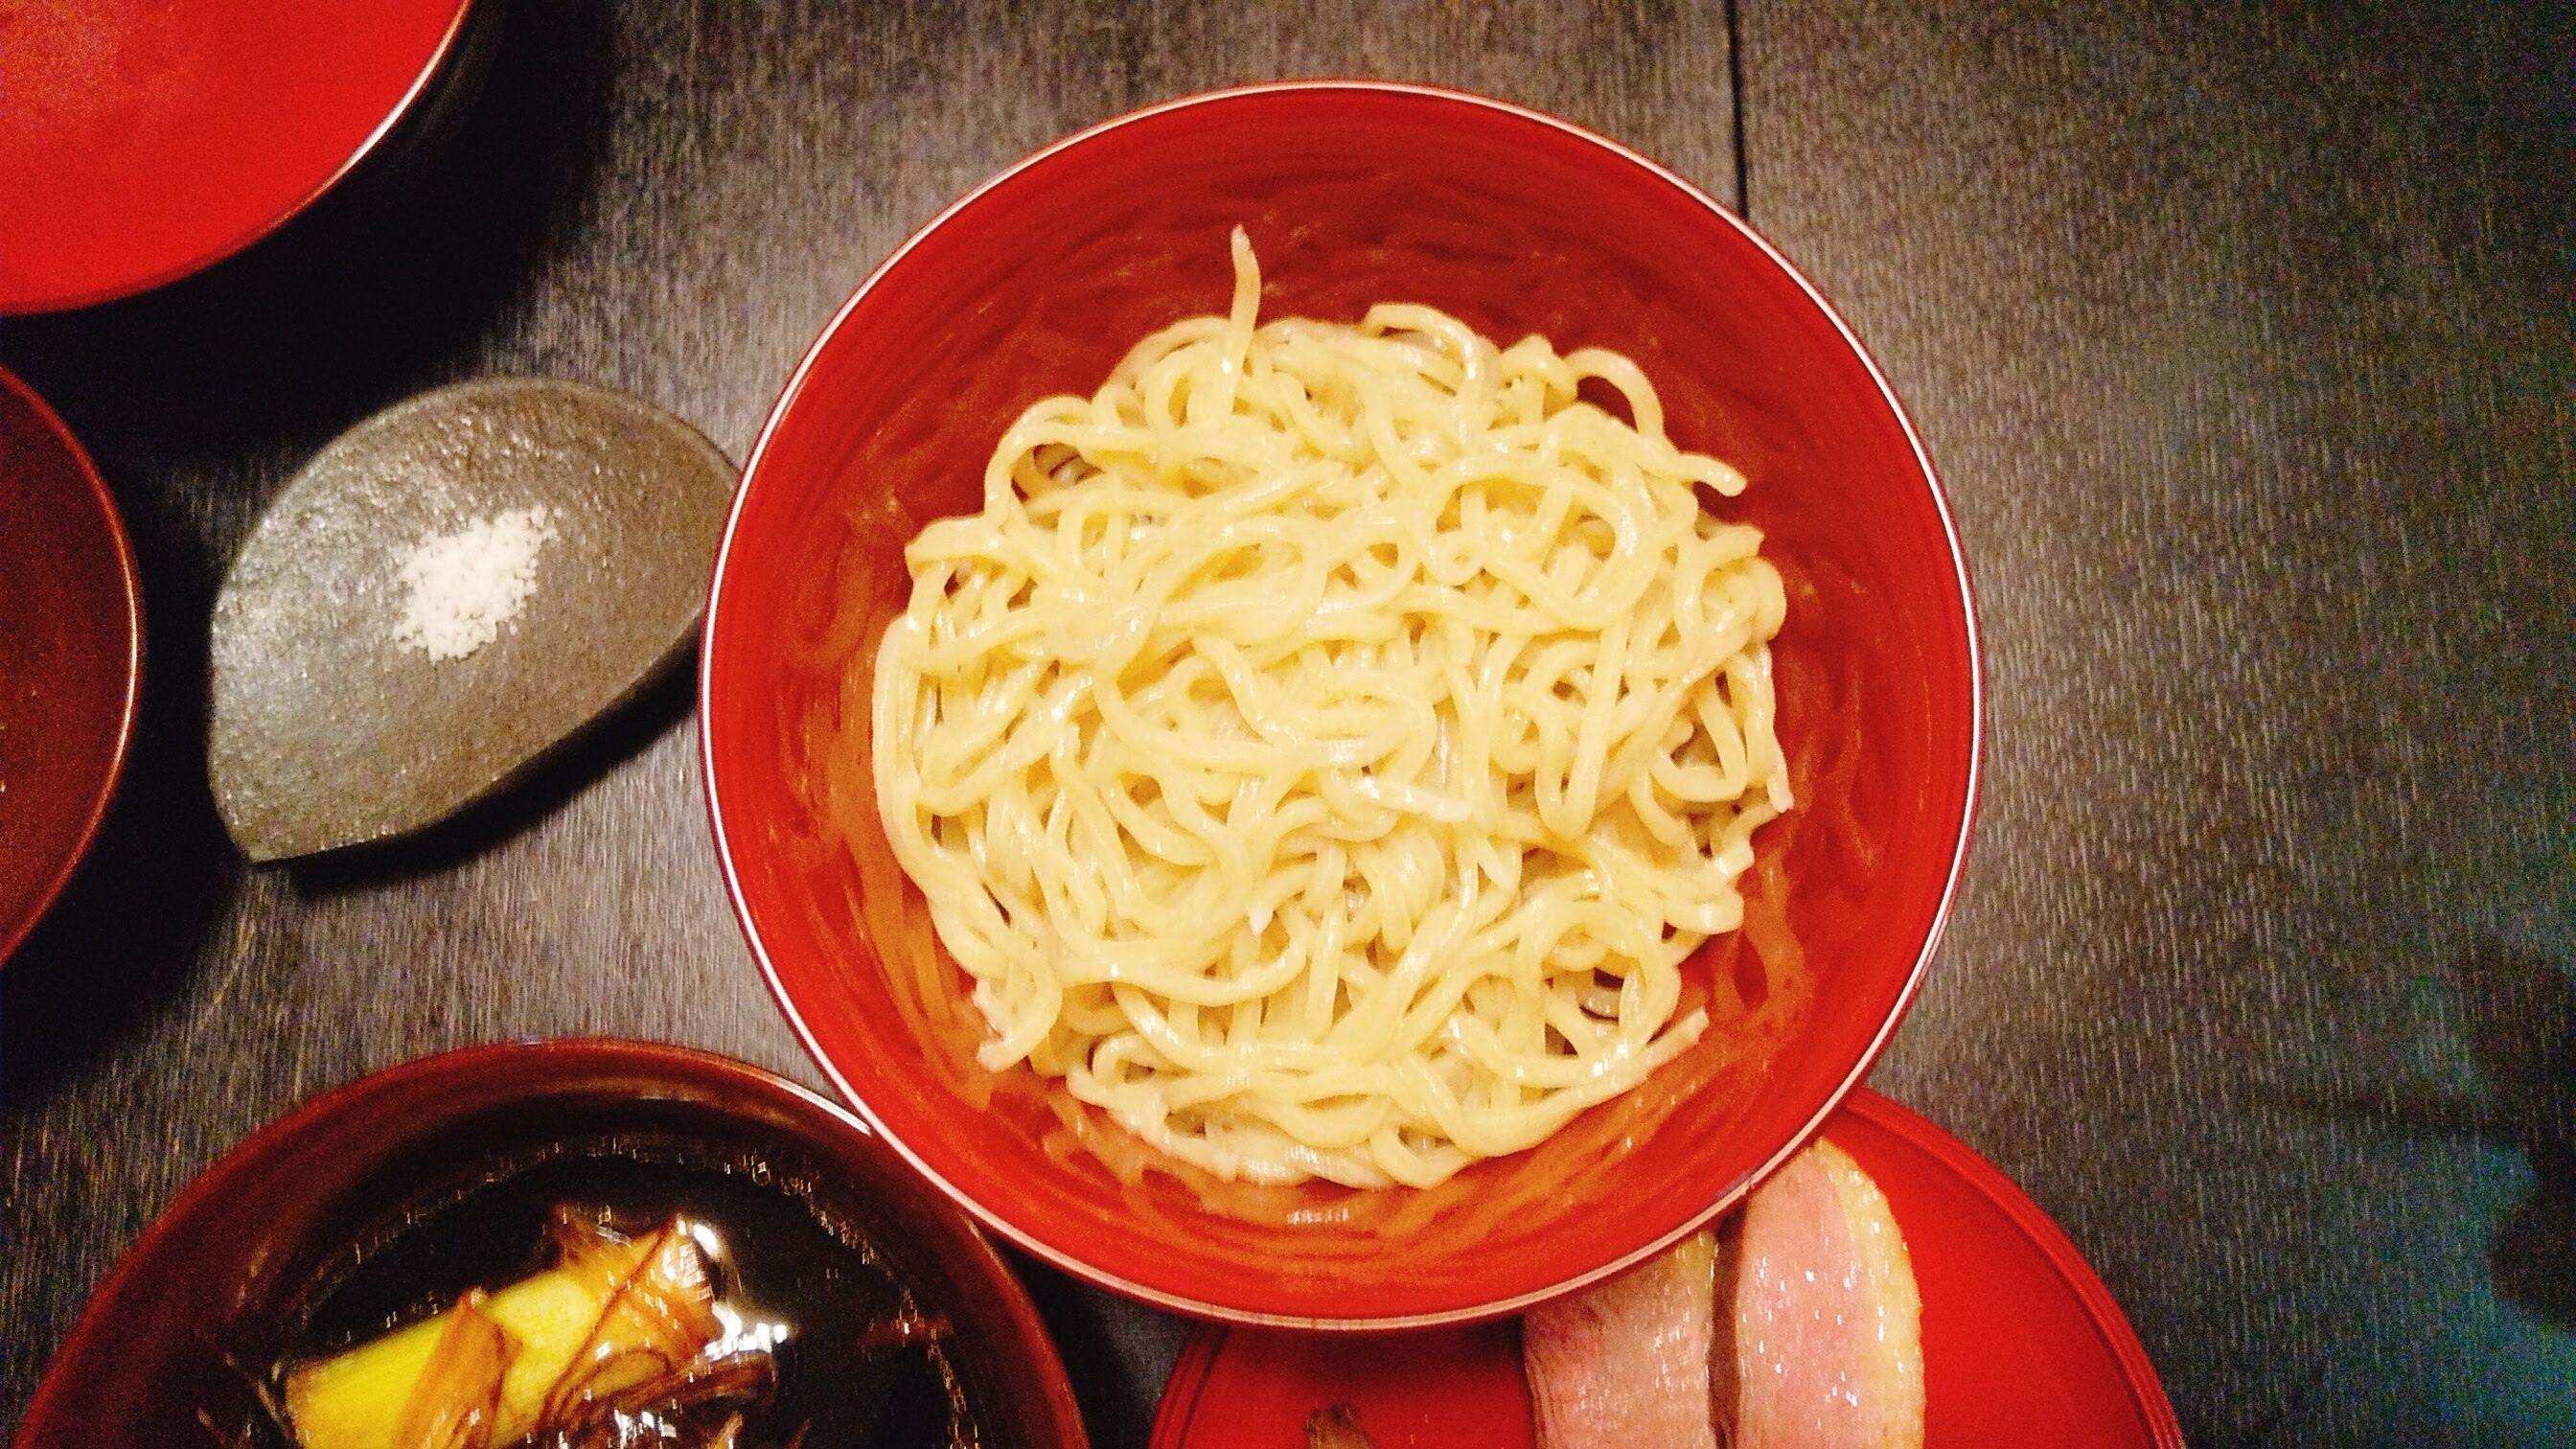 季織亭の手打ち小麦蕎麦の麺皿の写真